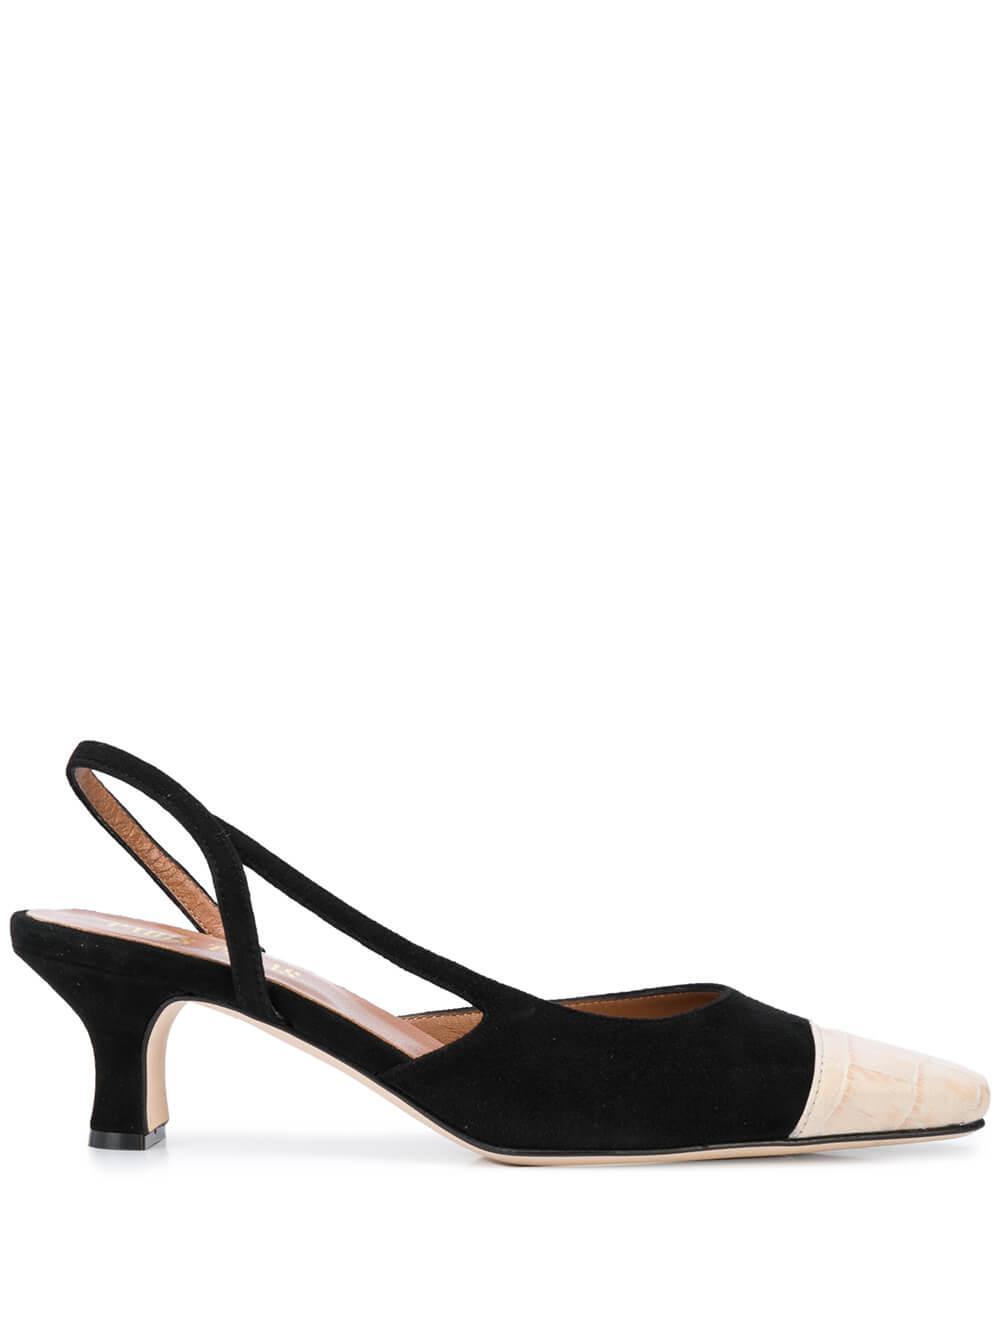 Suede Slingback Kitten Heel With Croc Cap Item # PX201-XSACAG